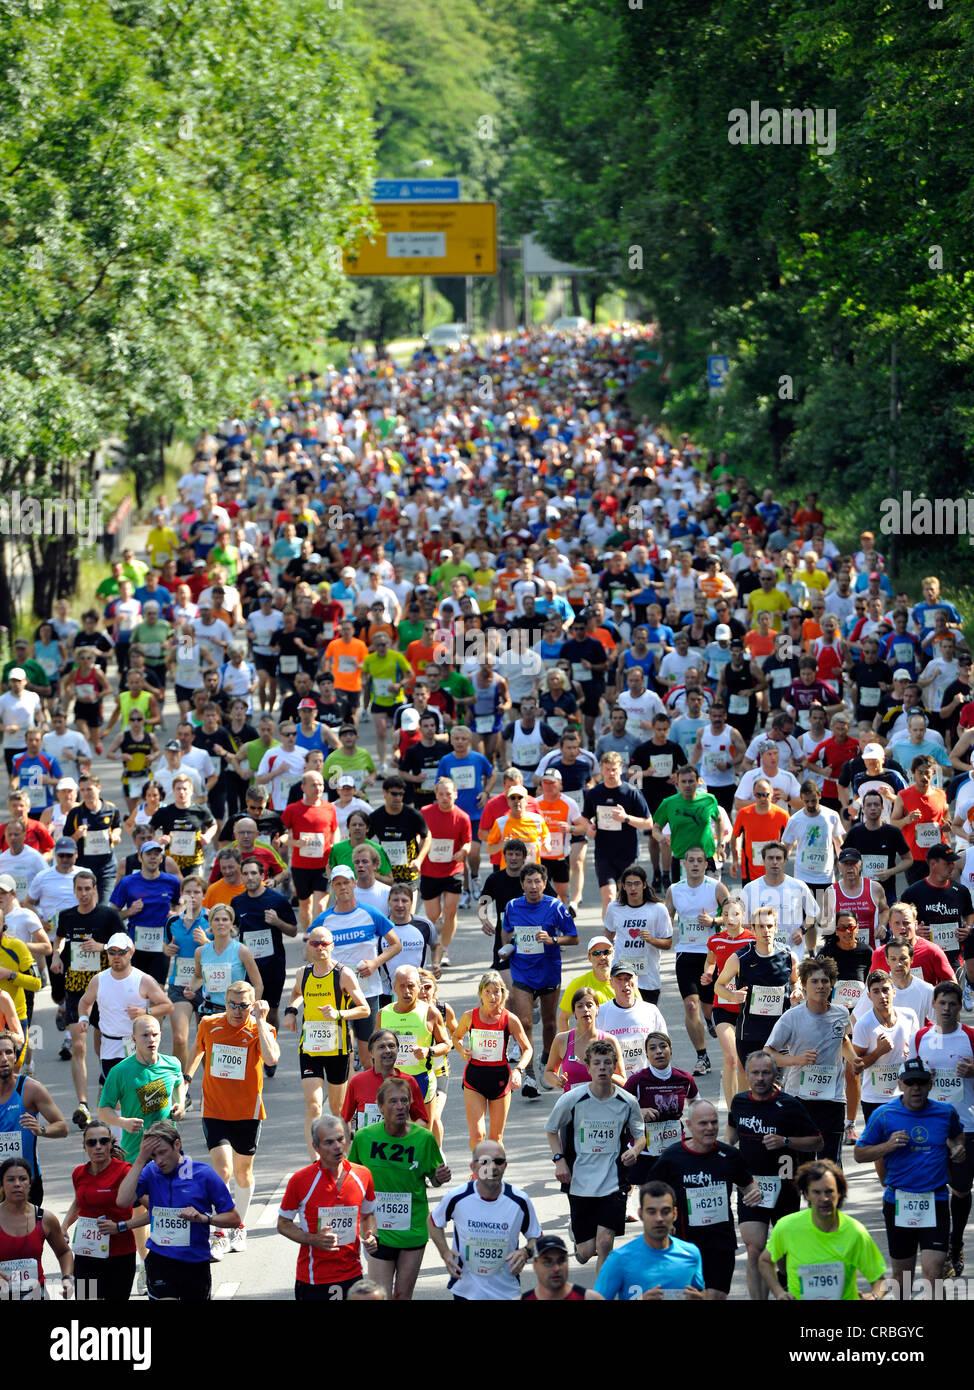 Mezza maratona, 29.05.2011, Stuttgarter-Zeitung-Lauf gara, Stoccarda, Baden-Wuerttemberg, Germania, Europa Immagini Stock